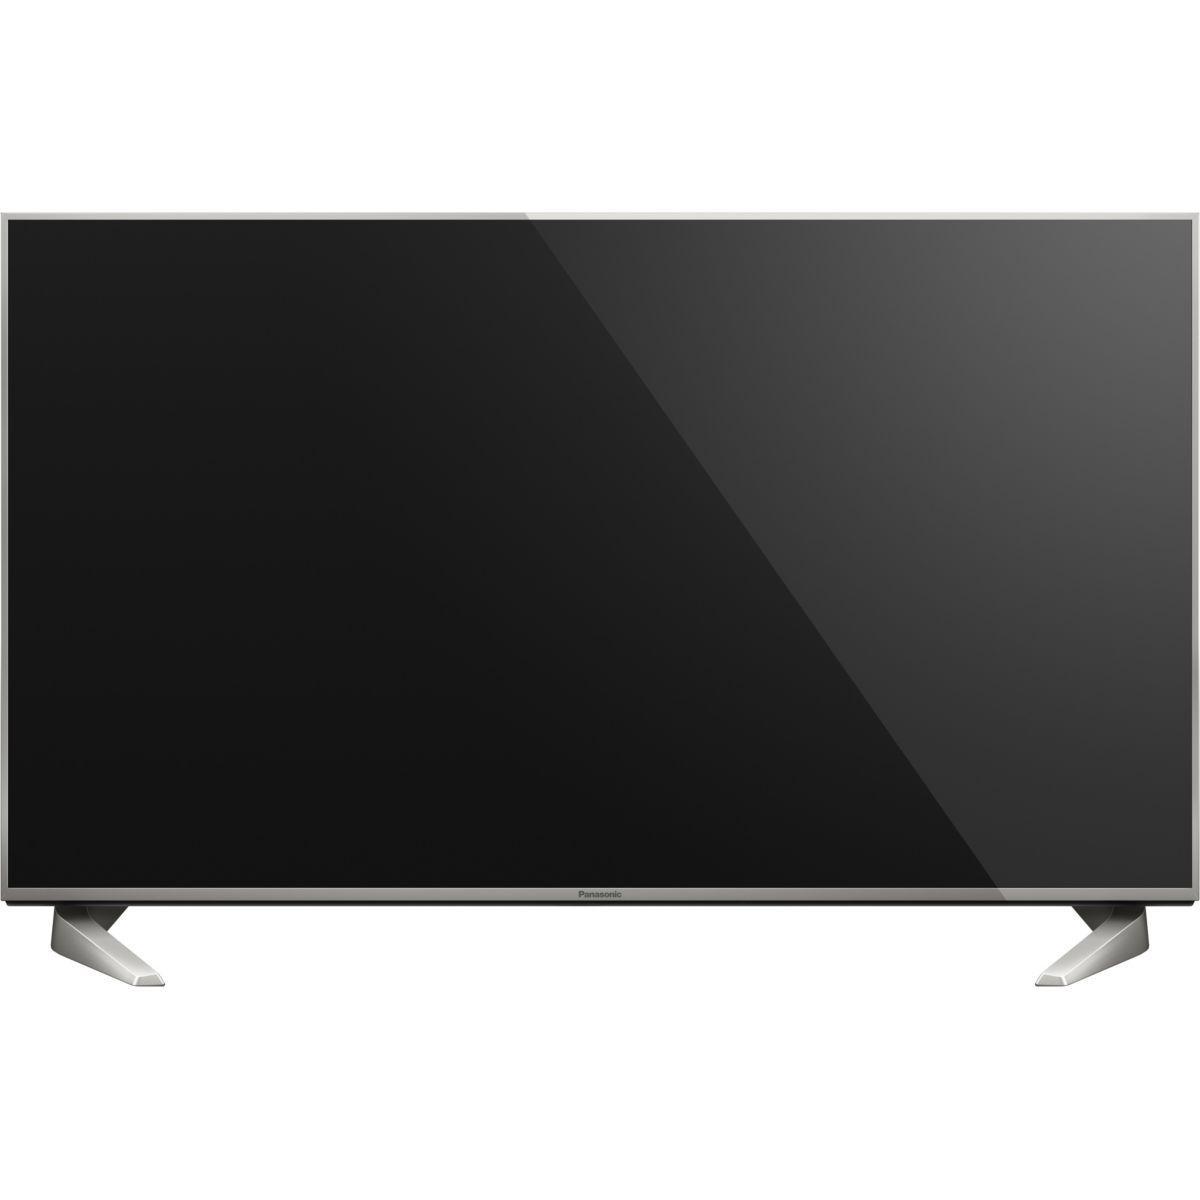 Tv led panasonic tx-50dx700f - 5% de remise imm�diate avec le code : automne5 (photo)